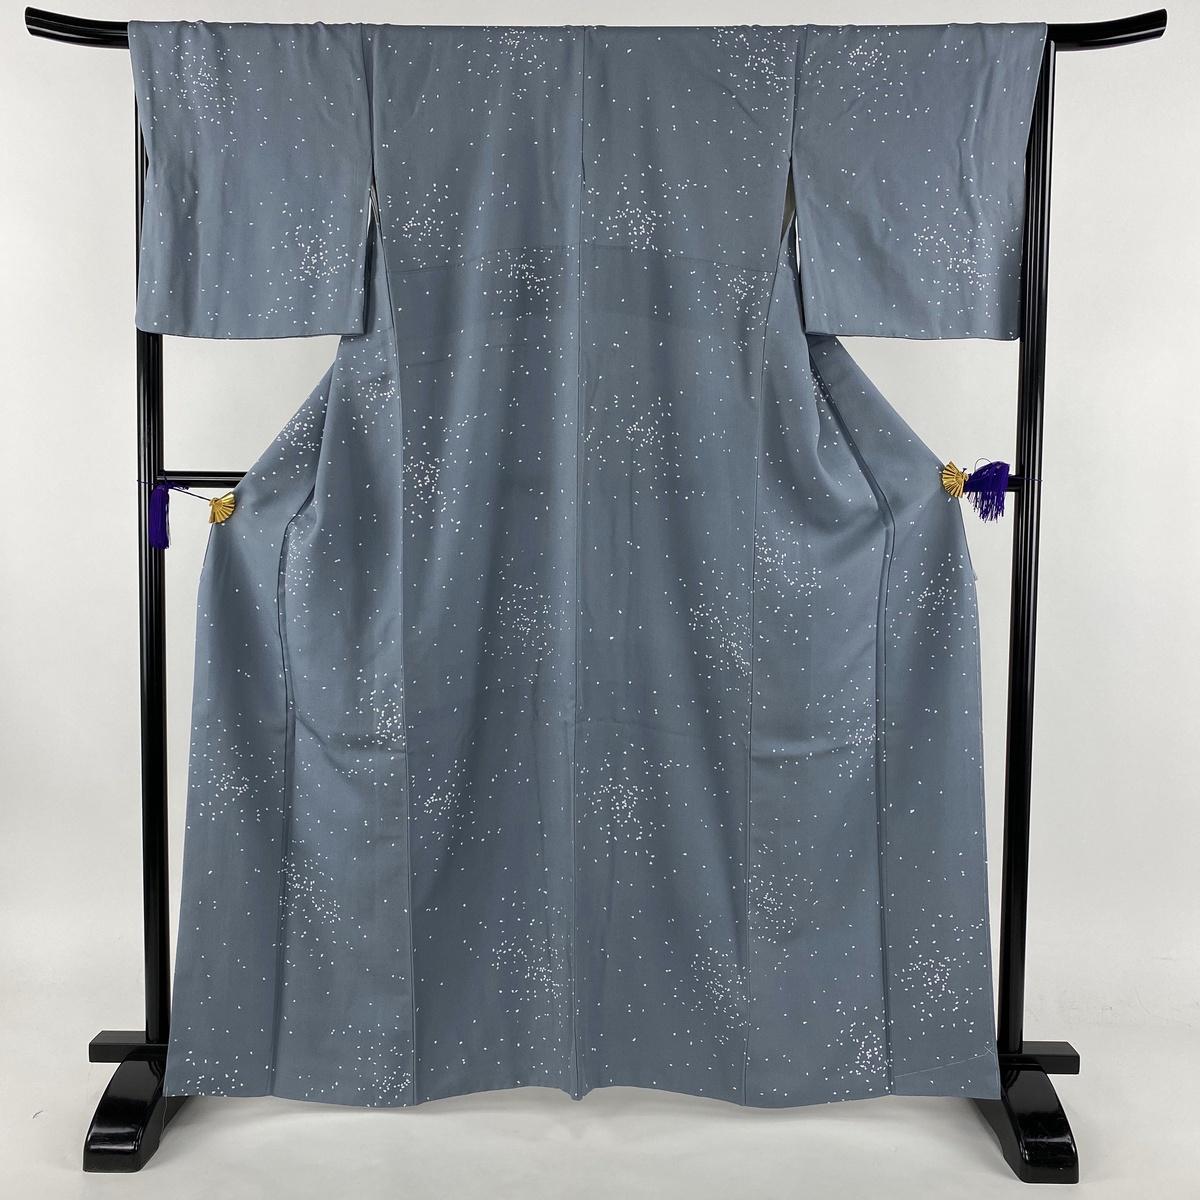 小紋 美品 秀品 幾何学模様 青灰色 袷 身丈164cm 裄丈67.5cm L 正絹 【中古】